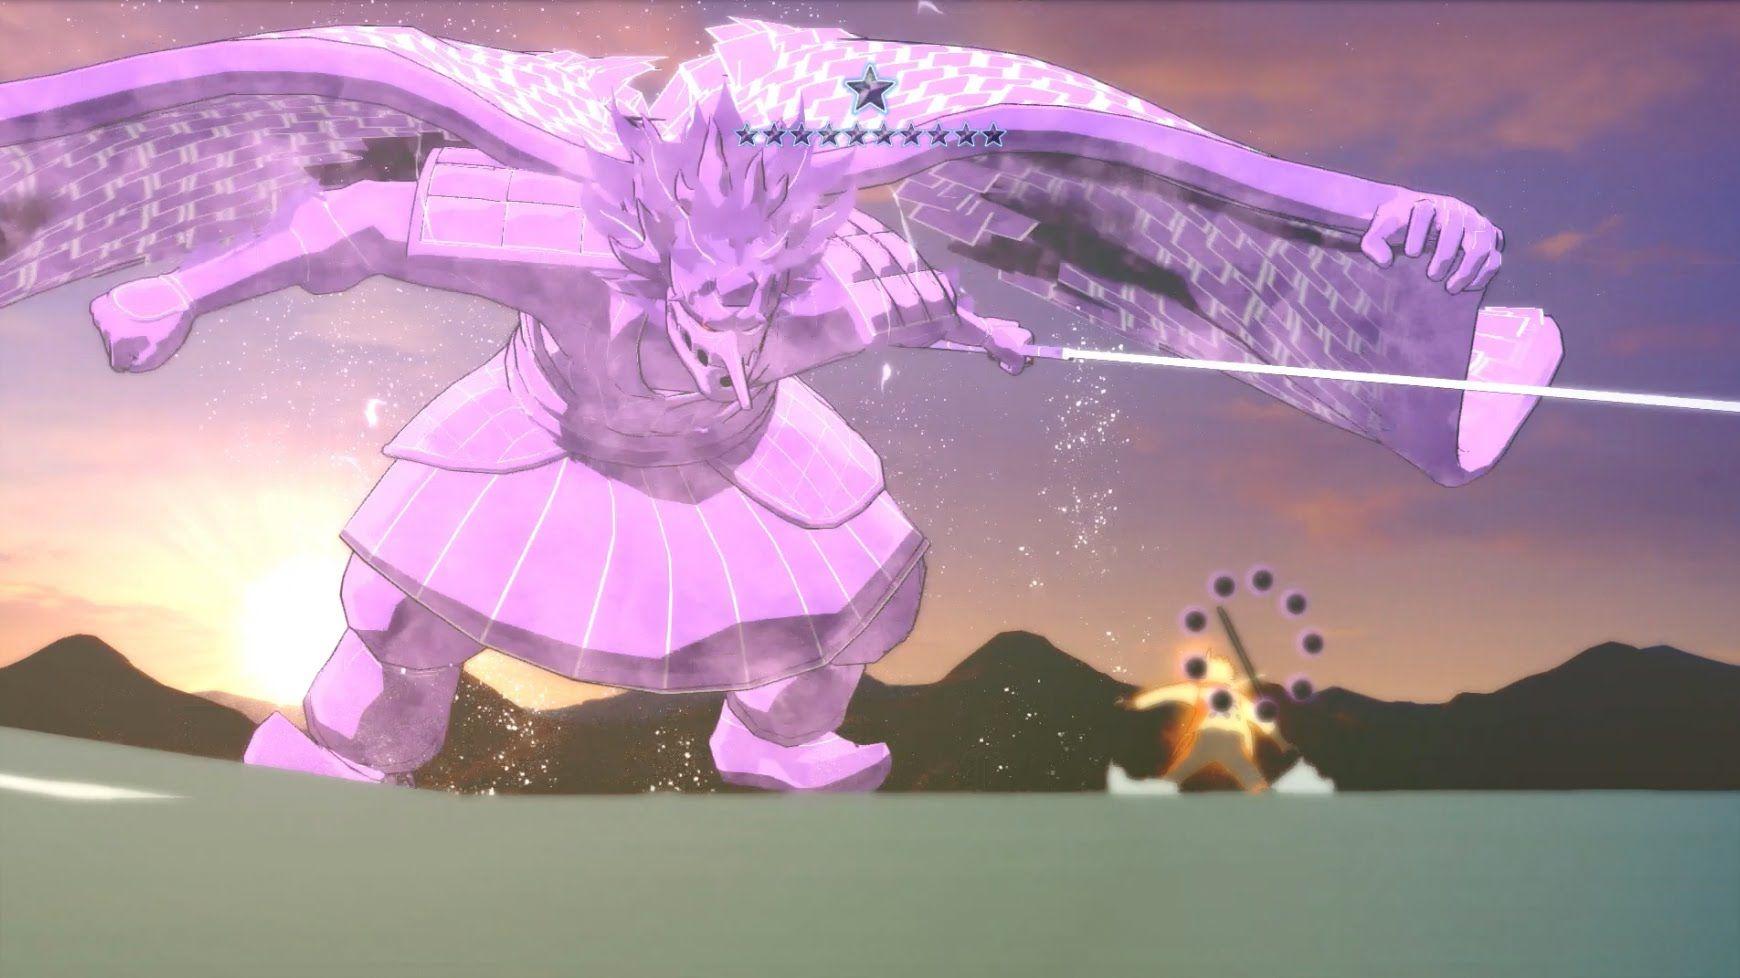 Rikudou Naruto Vs. Sasuke Uchiha (Perfect Susanoo) Final